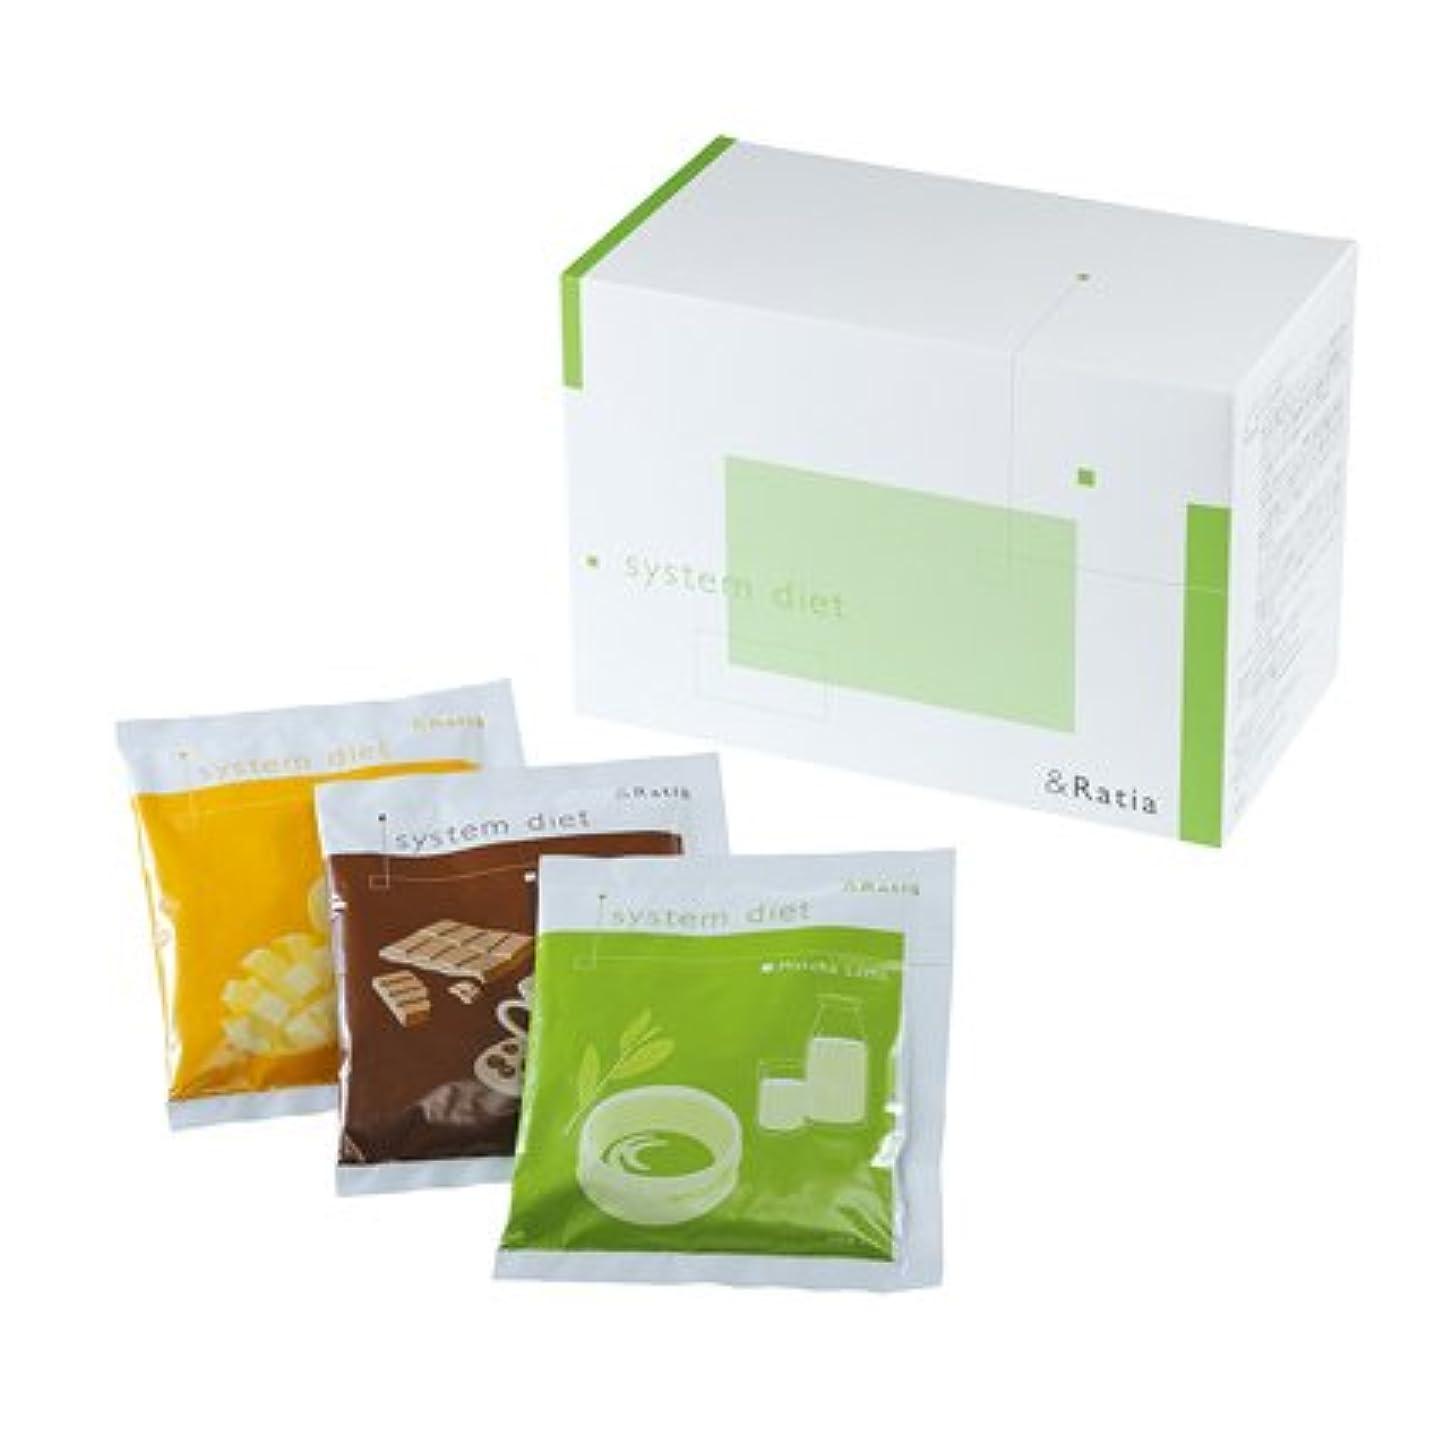 調和導出申し立てられた&Ratia システムダイエット 14袋